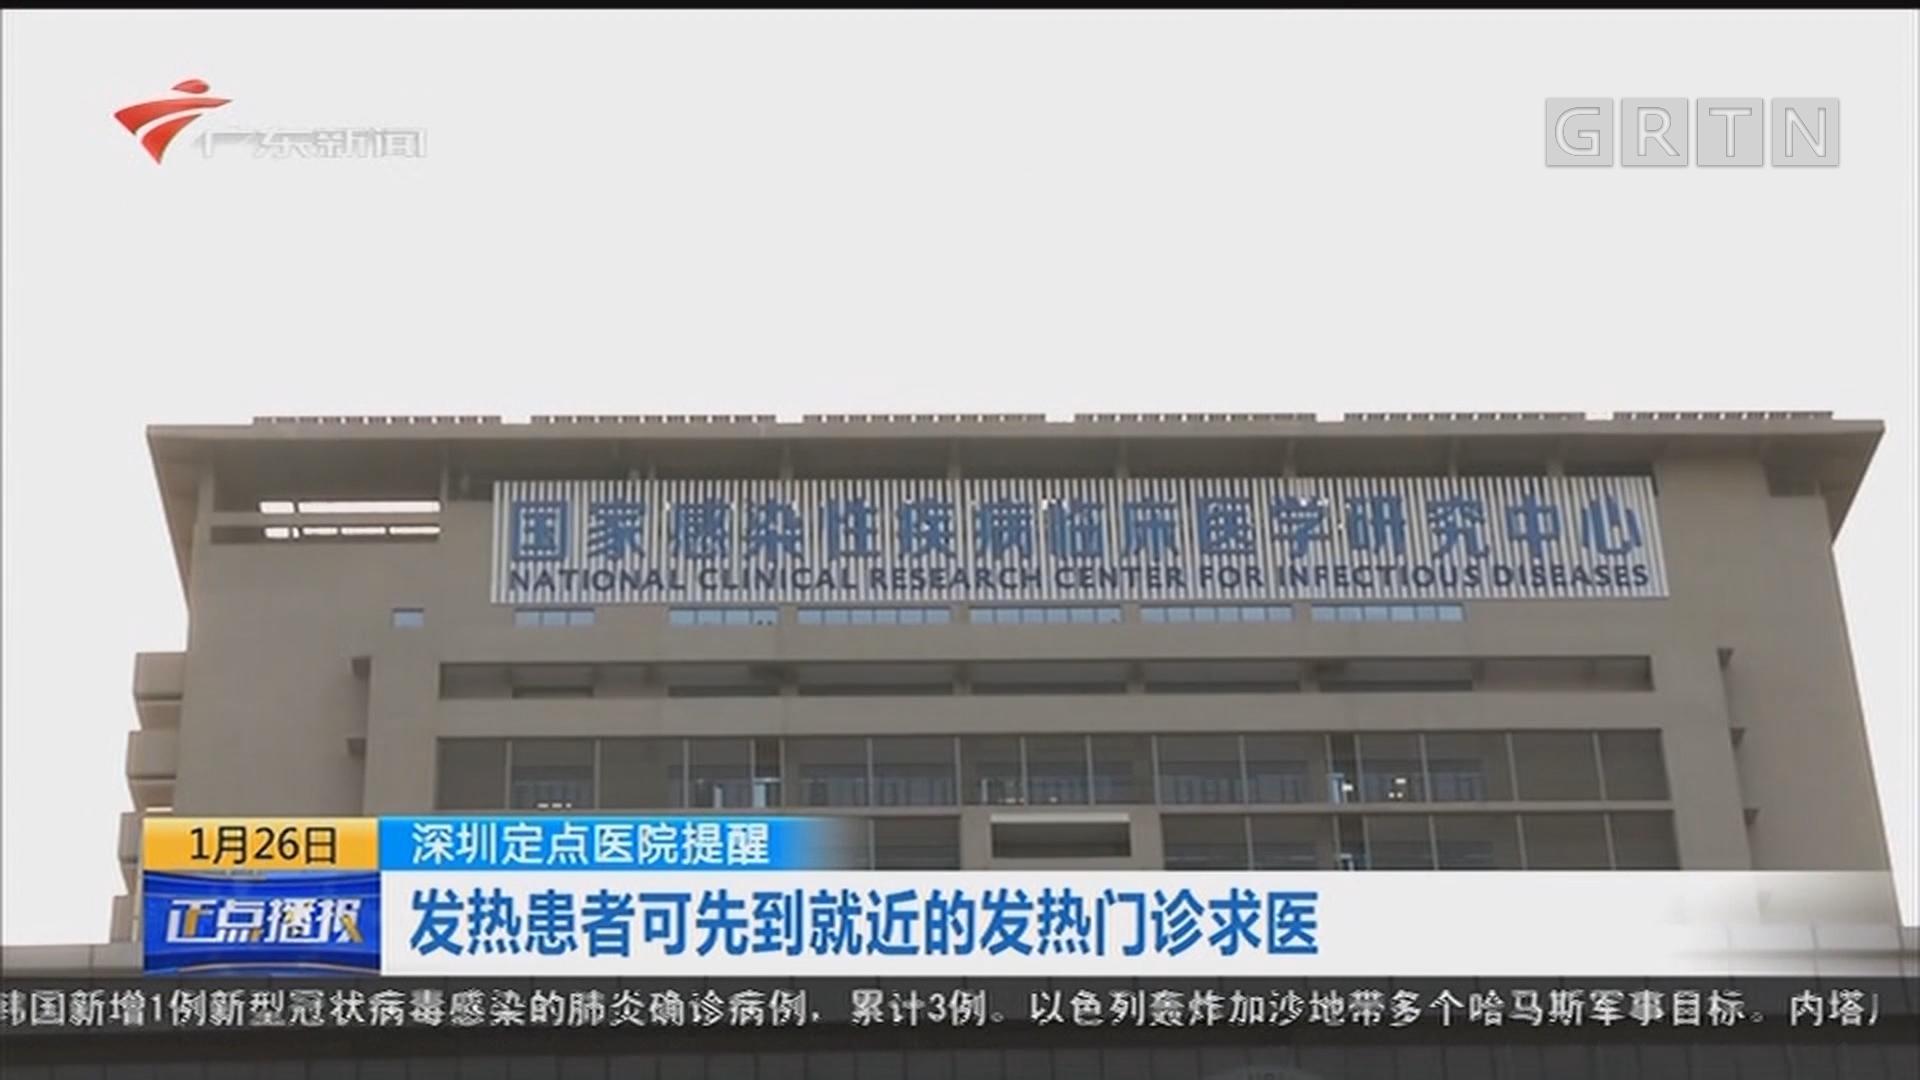 深圳定点医院提醒 发热患者可先到就近的发热门诊求医